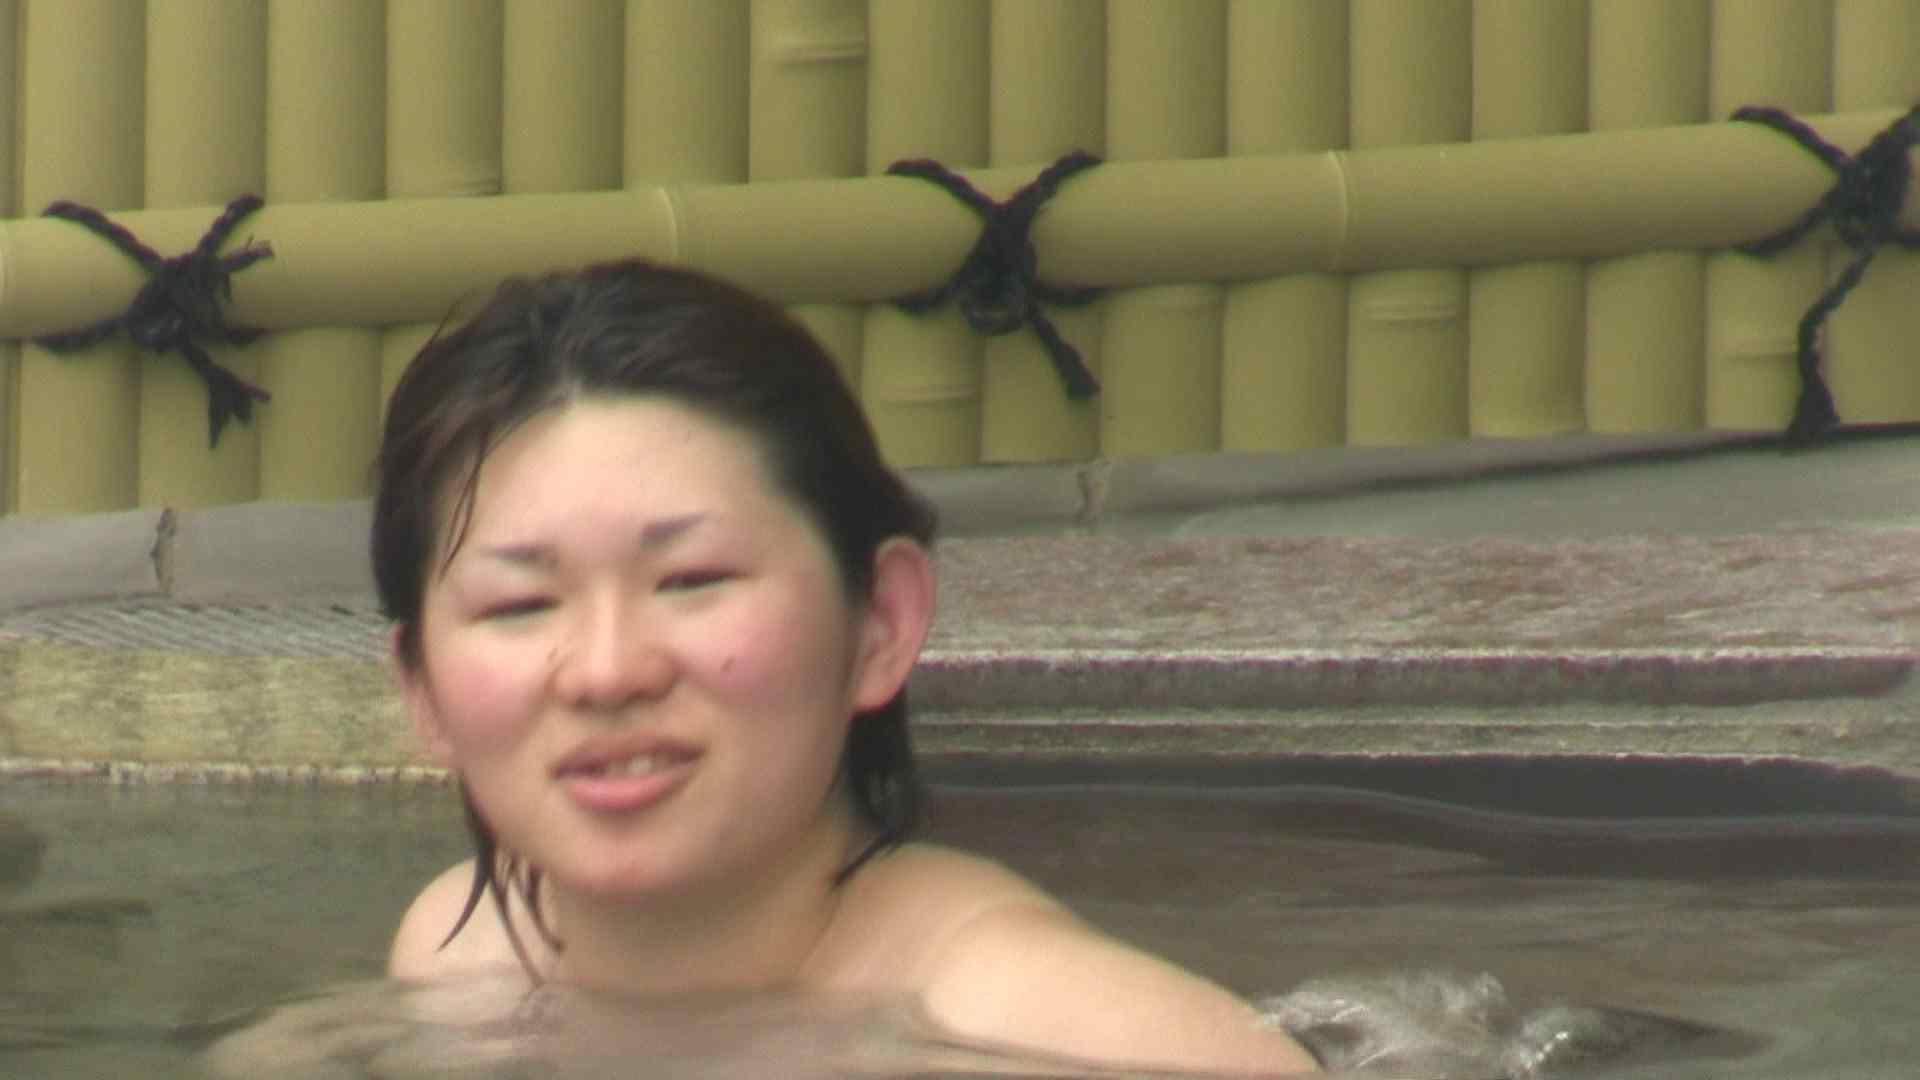 Aquaな露天風呂Vol.673 美しいOLの裸体   盗撮師作品  99pic 40